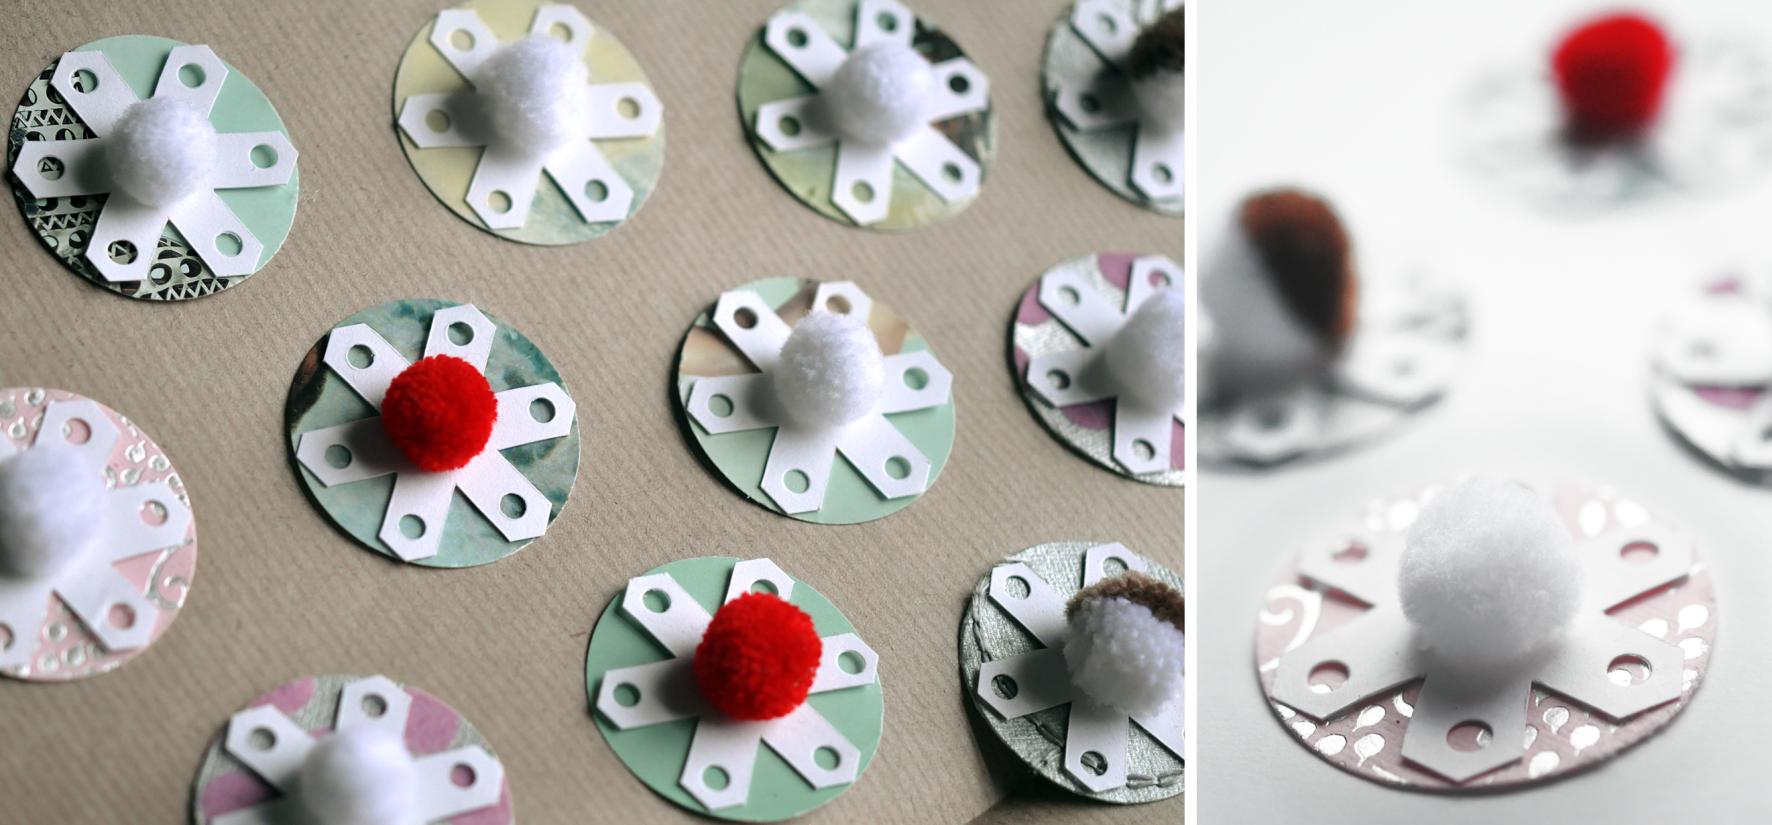 Pom pom and recycled card snow. Dougie Scott